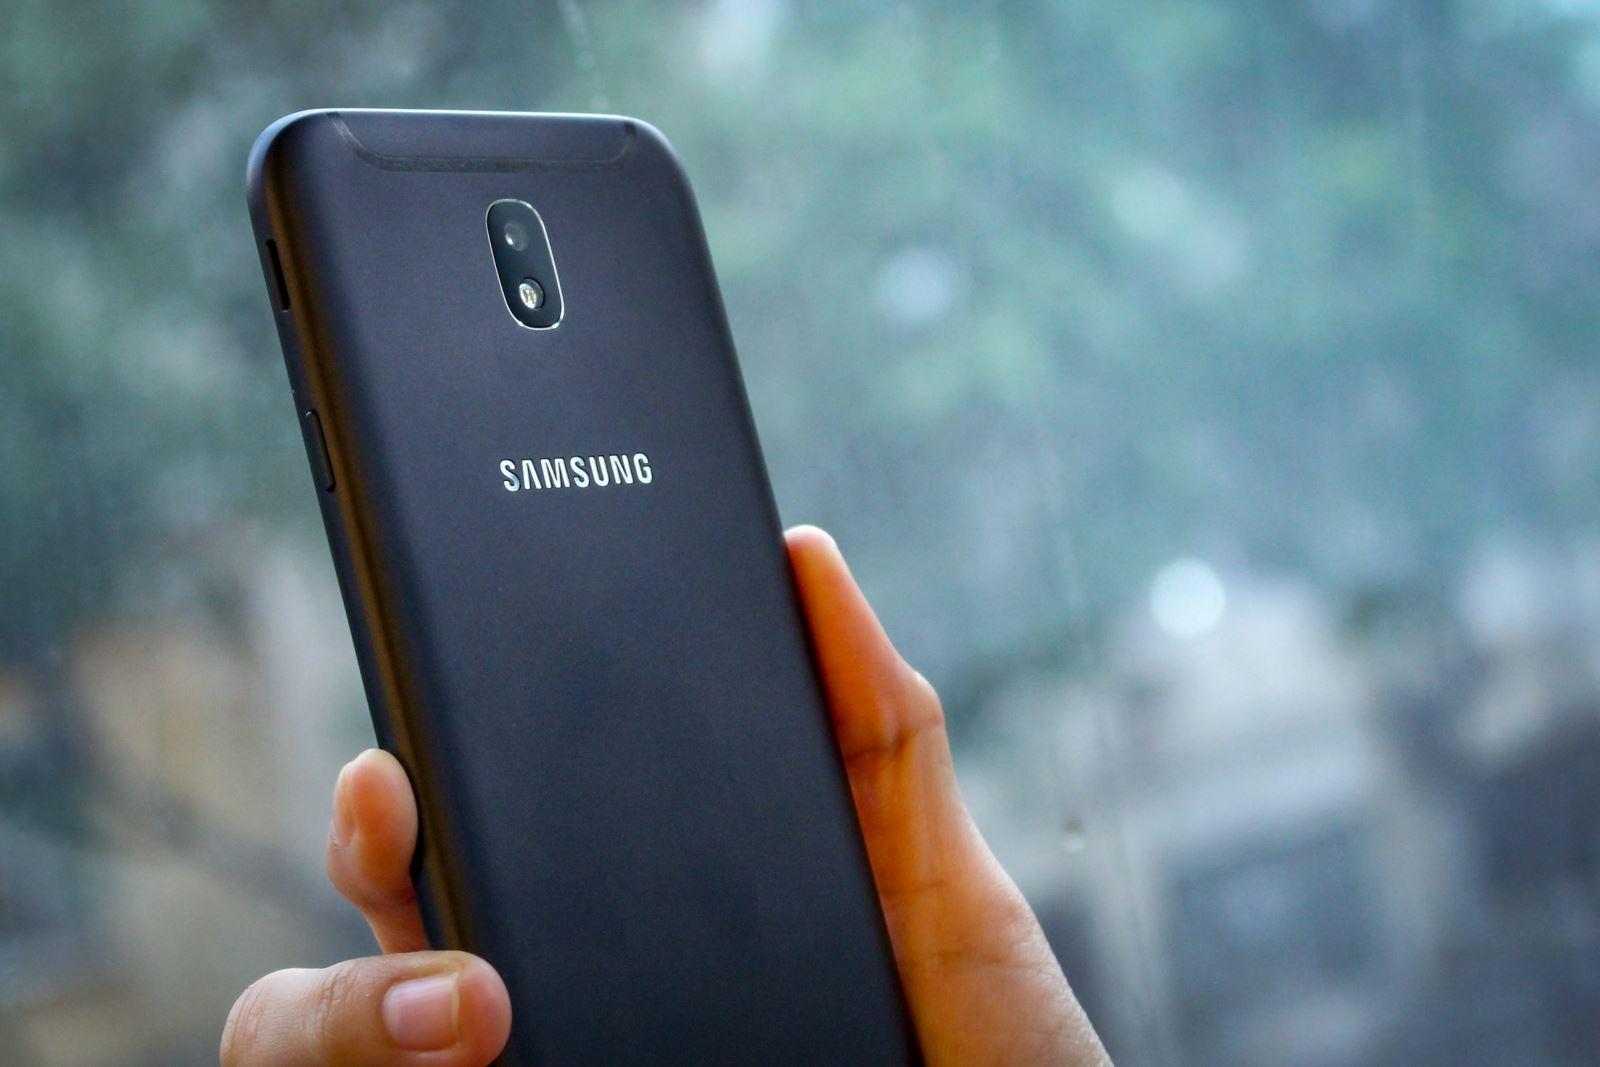 Mua điện thoại tầm giá 7 triệu: Đây là lý do bạn nên chọn Samsung